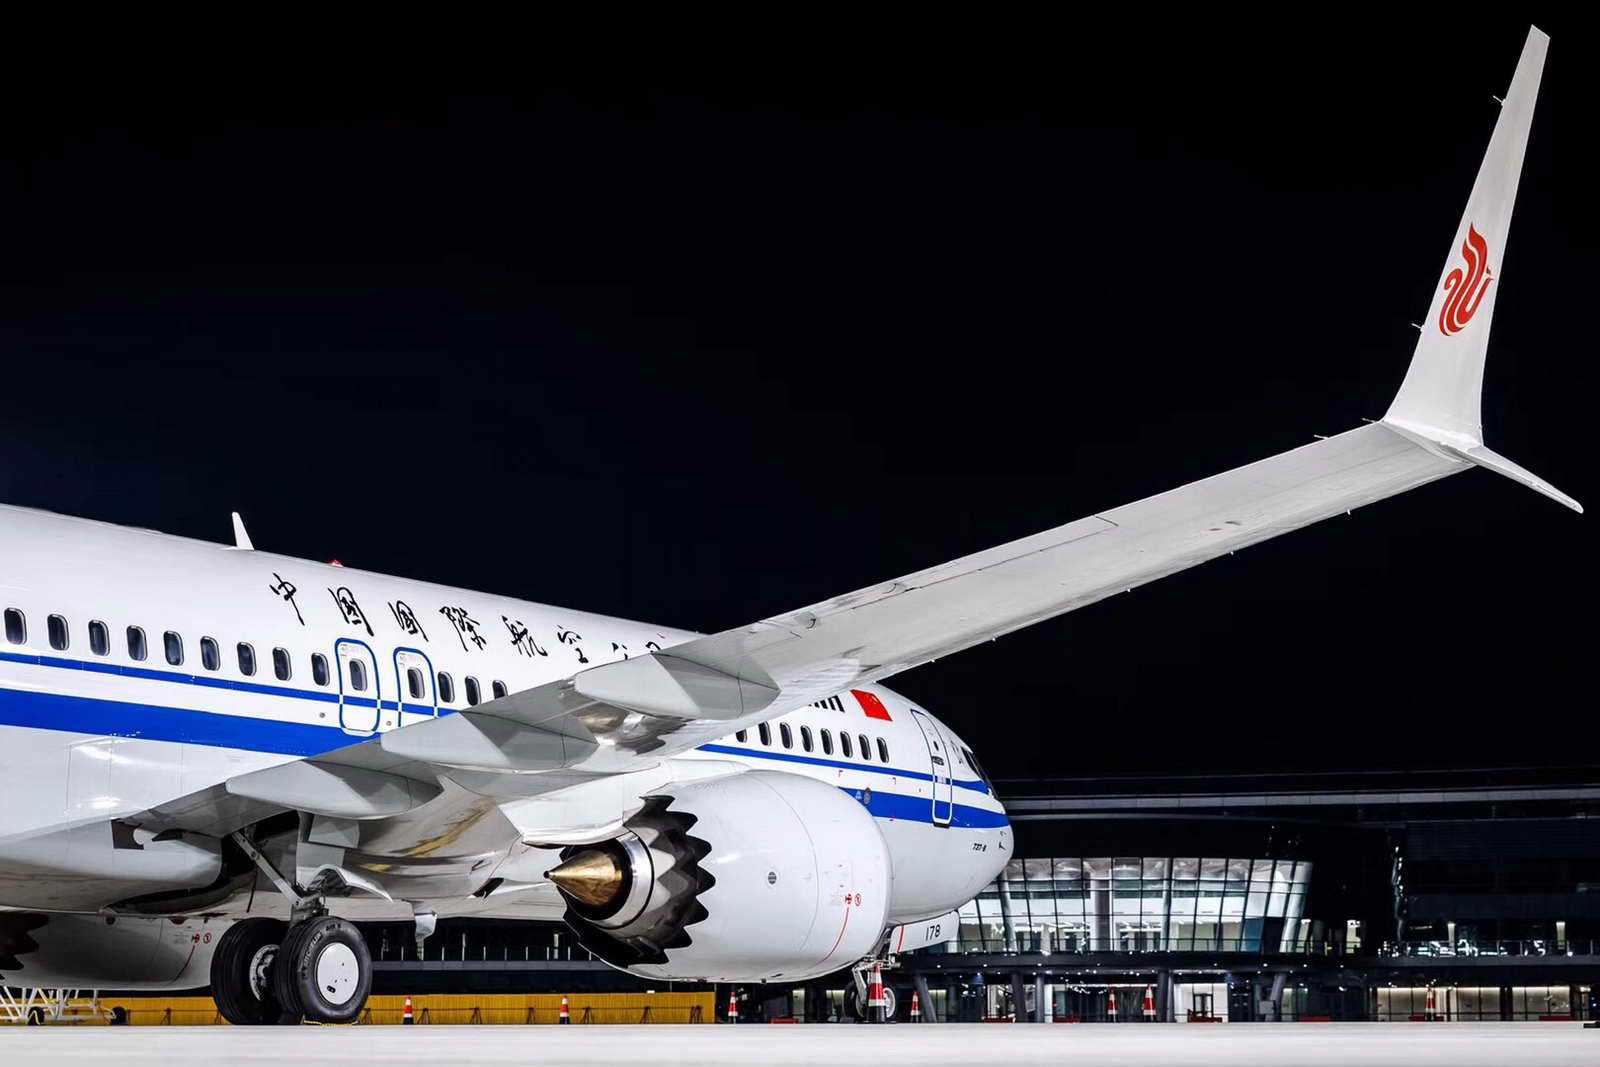 国航向波音索赔:国航就737MAX正式向波音索赔